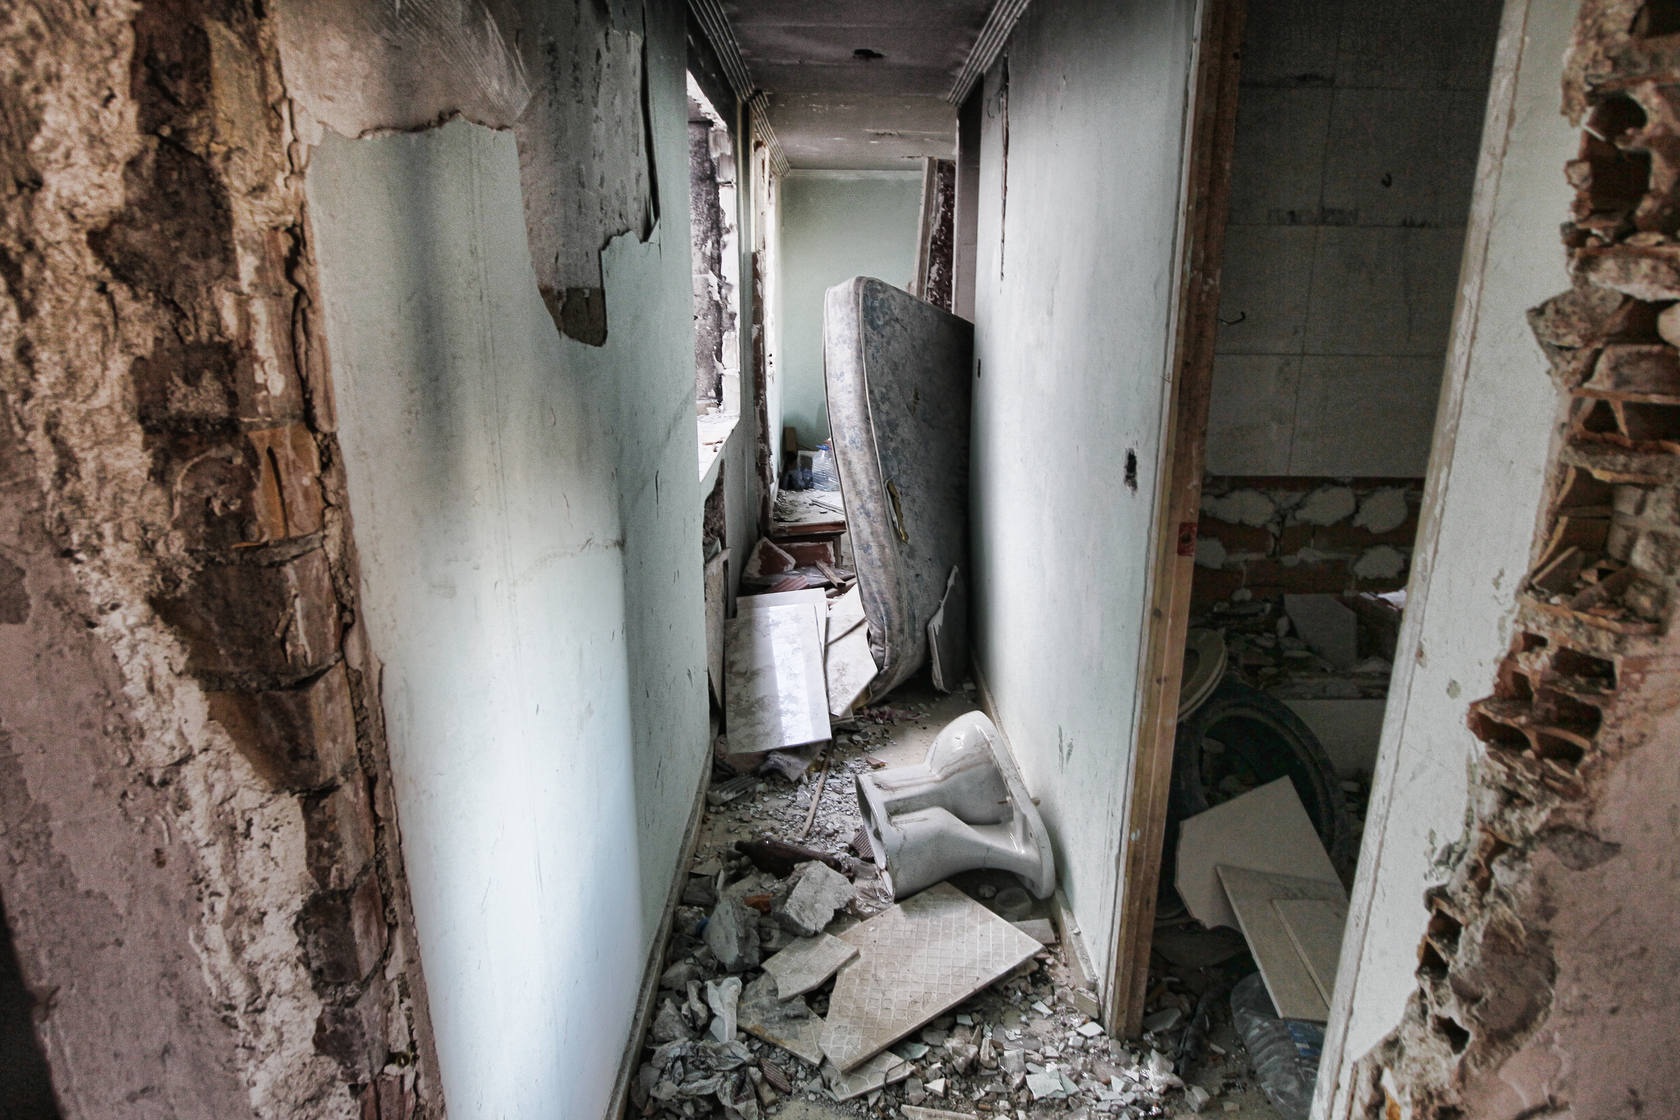 Número 14 del pasaje Arcipreste de Hita: pisos en estado deplorable y ocupados